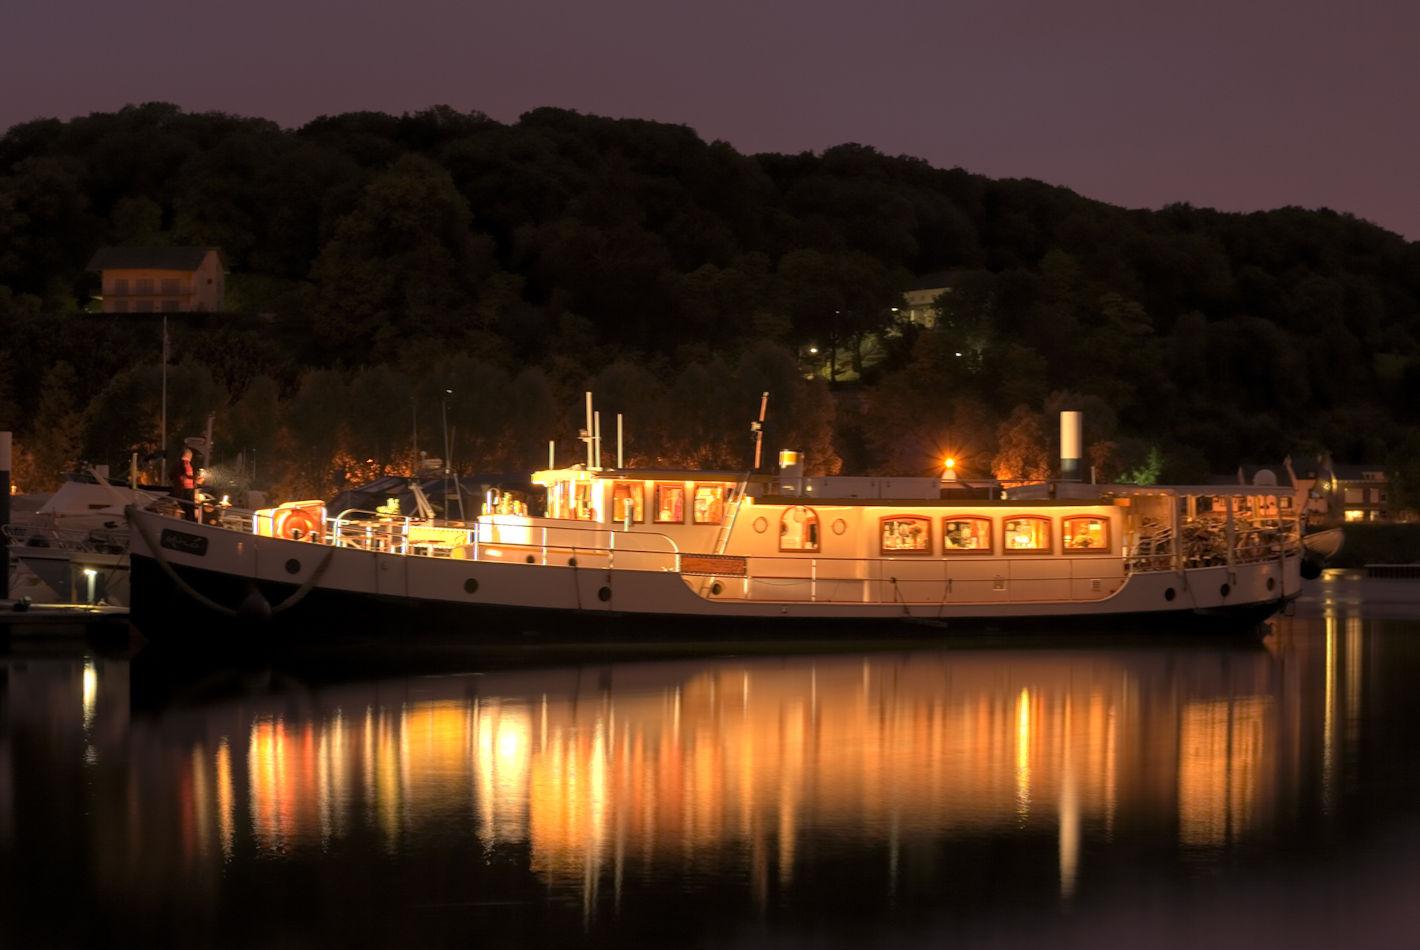 Overnacht op een yacht!